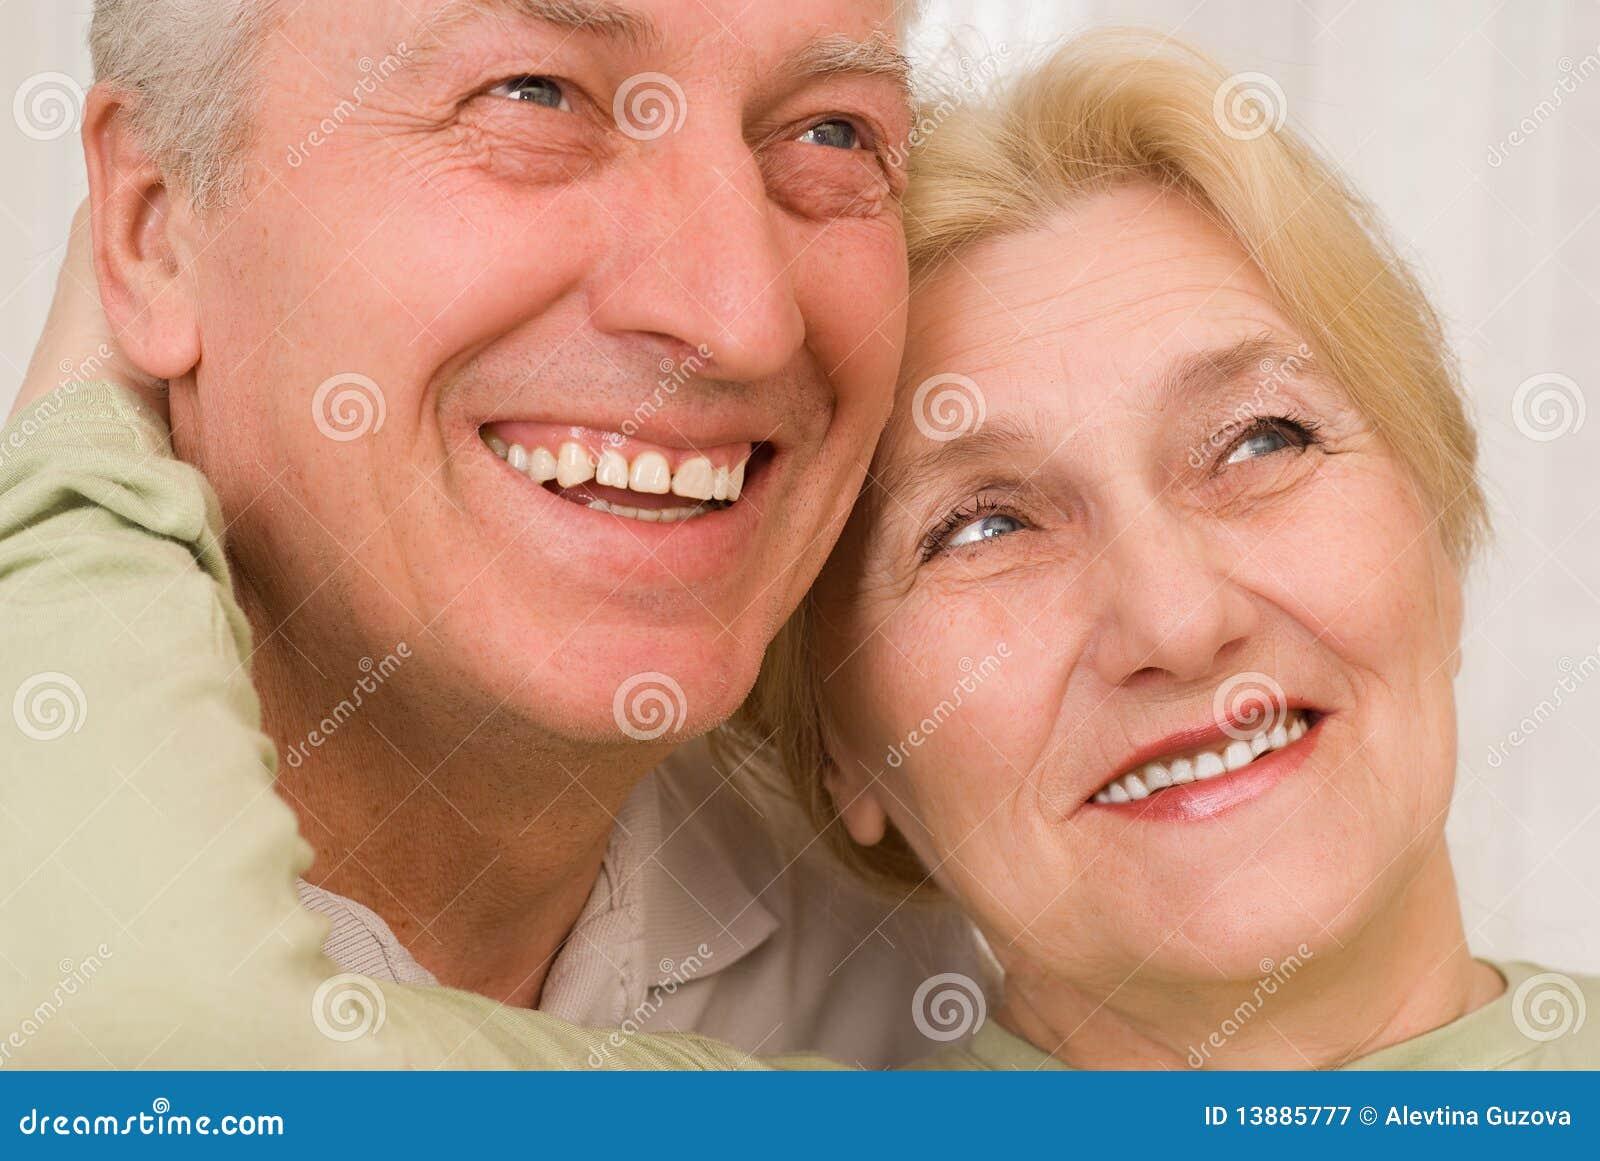 Portrait eines schönen Paares